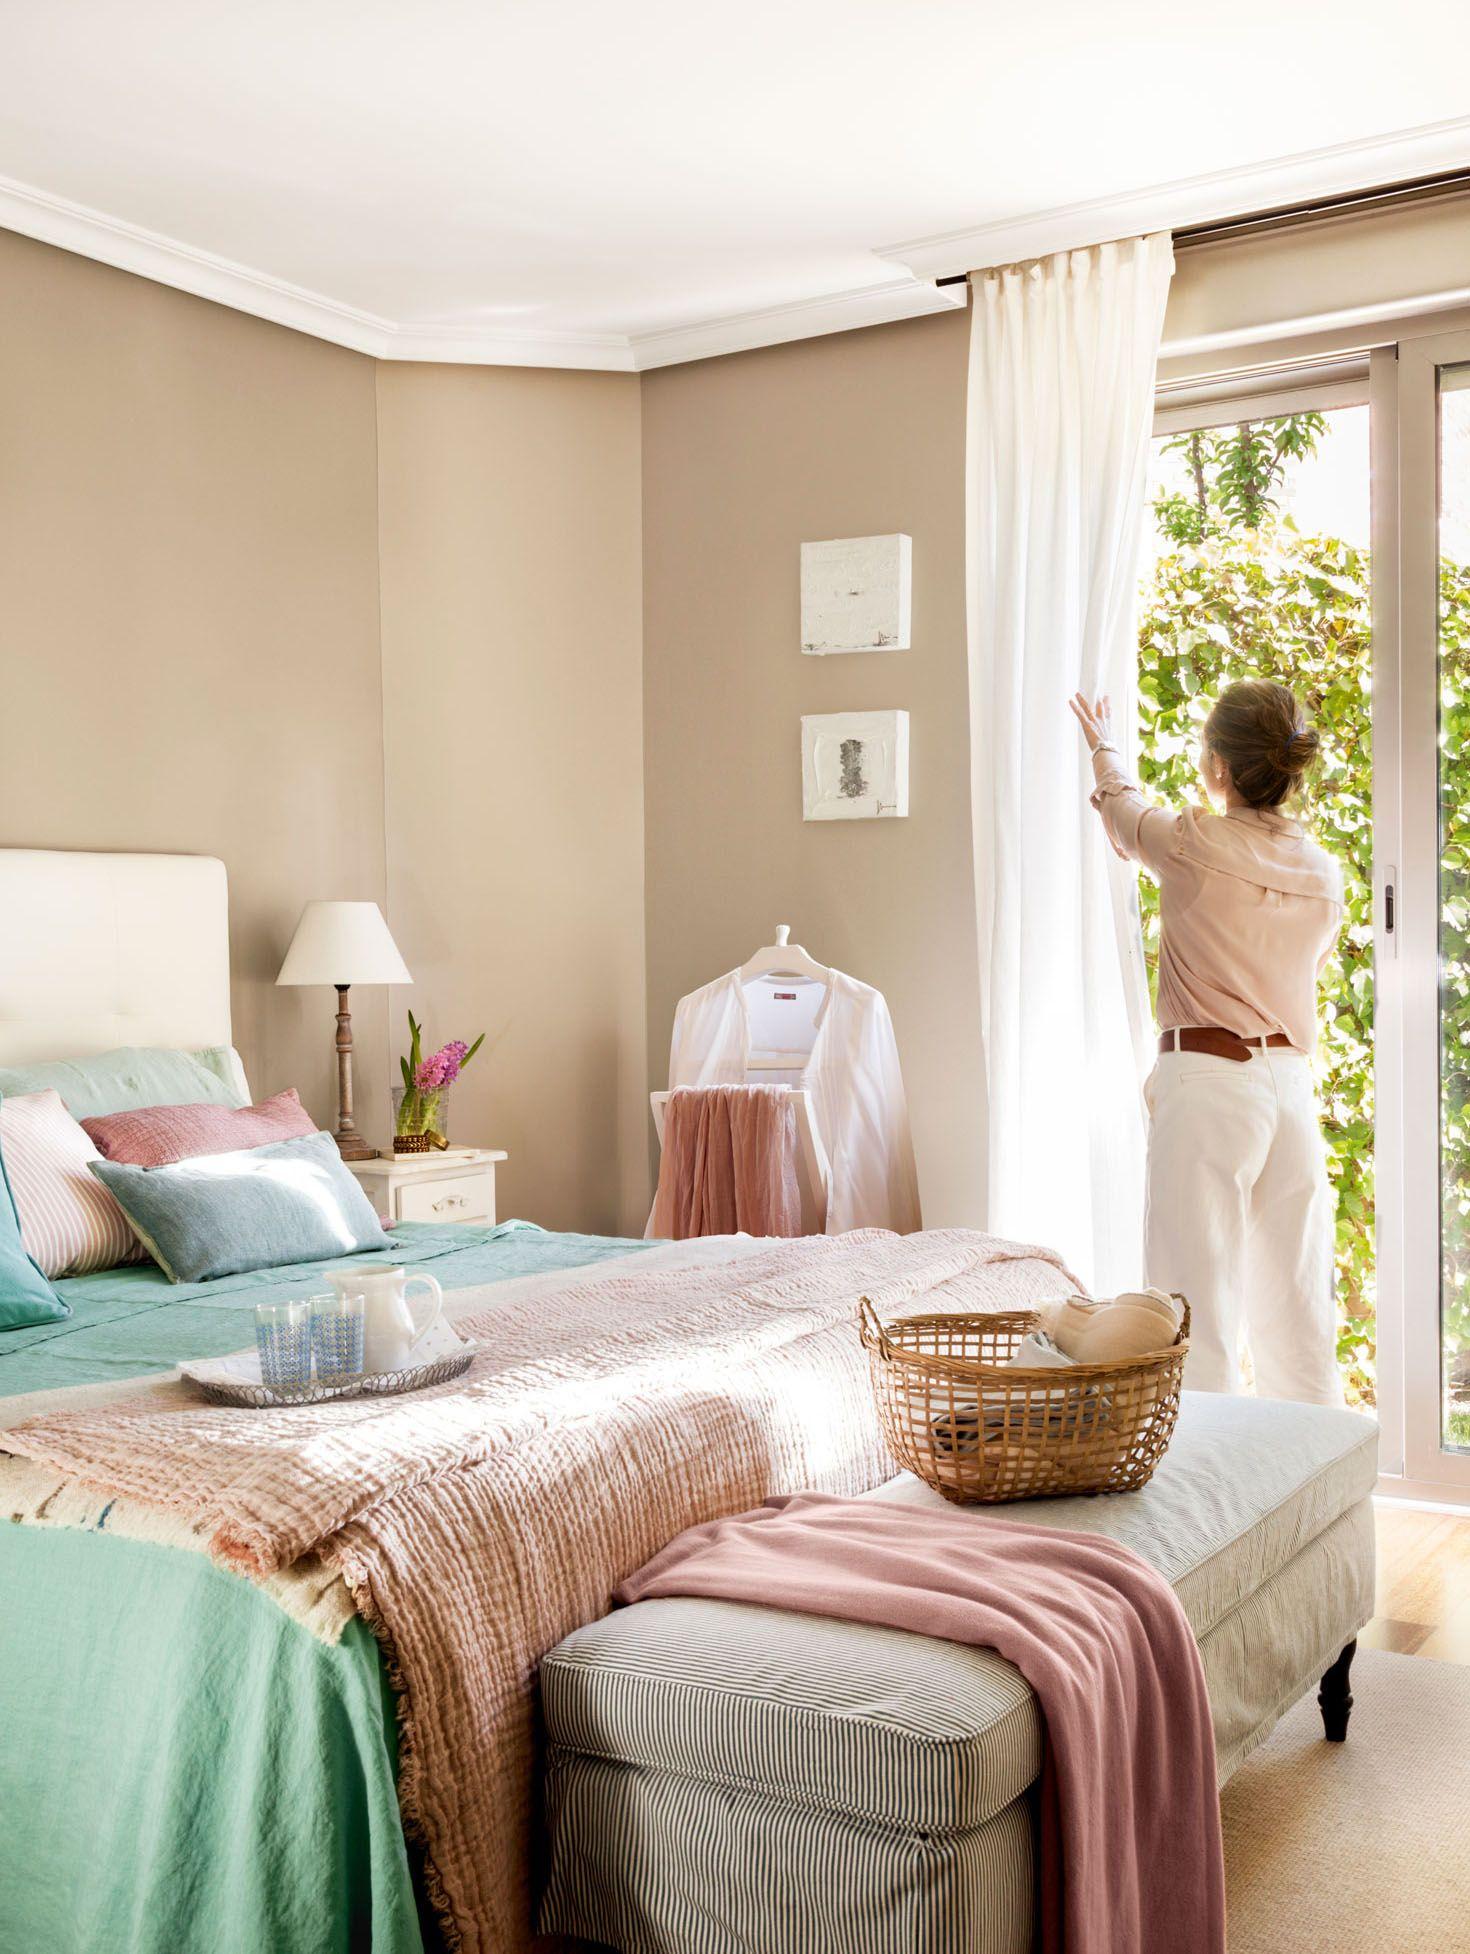 Mujer en dormitorio con pared arena y ropa de cama en rosa - Cortinas para cama ...